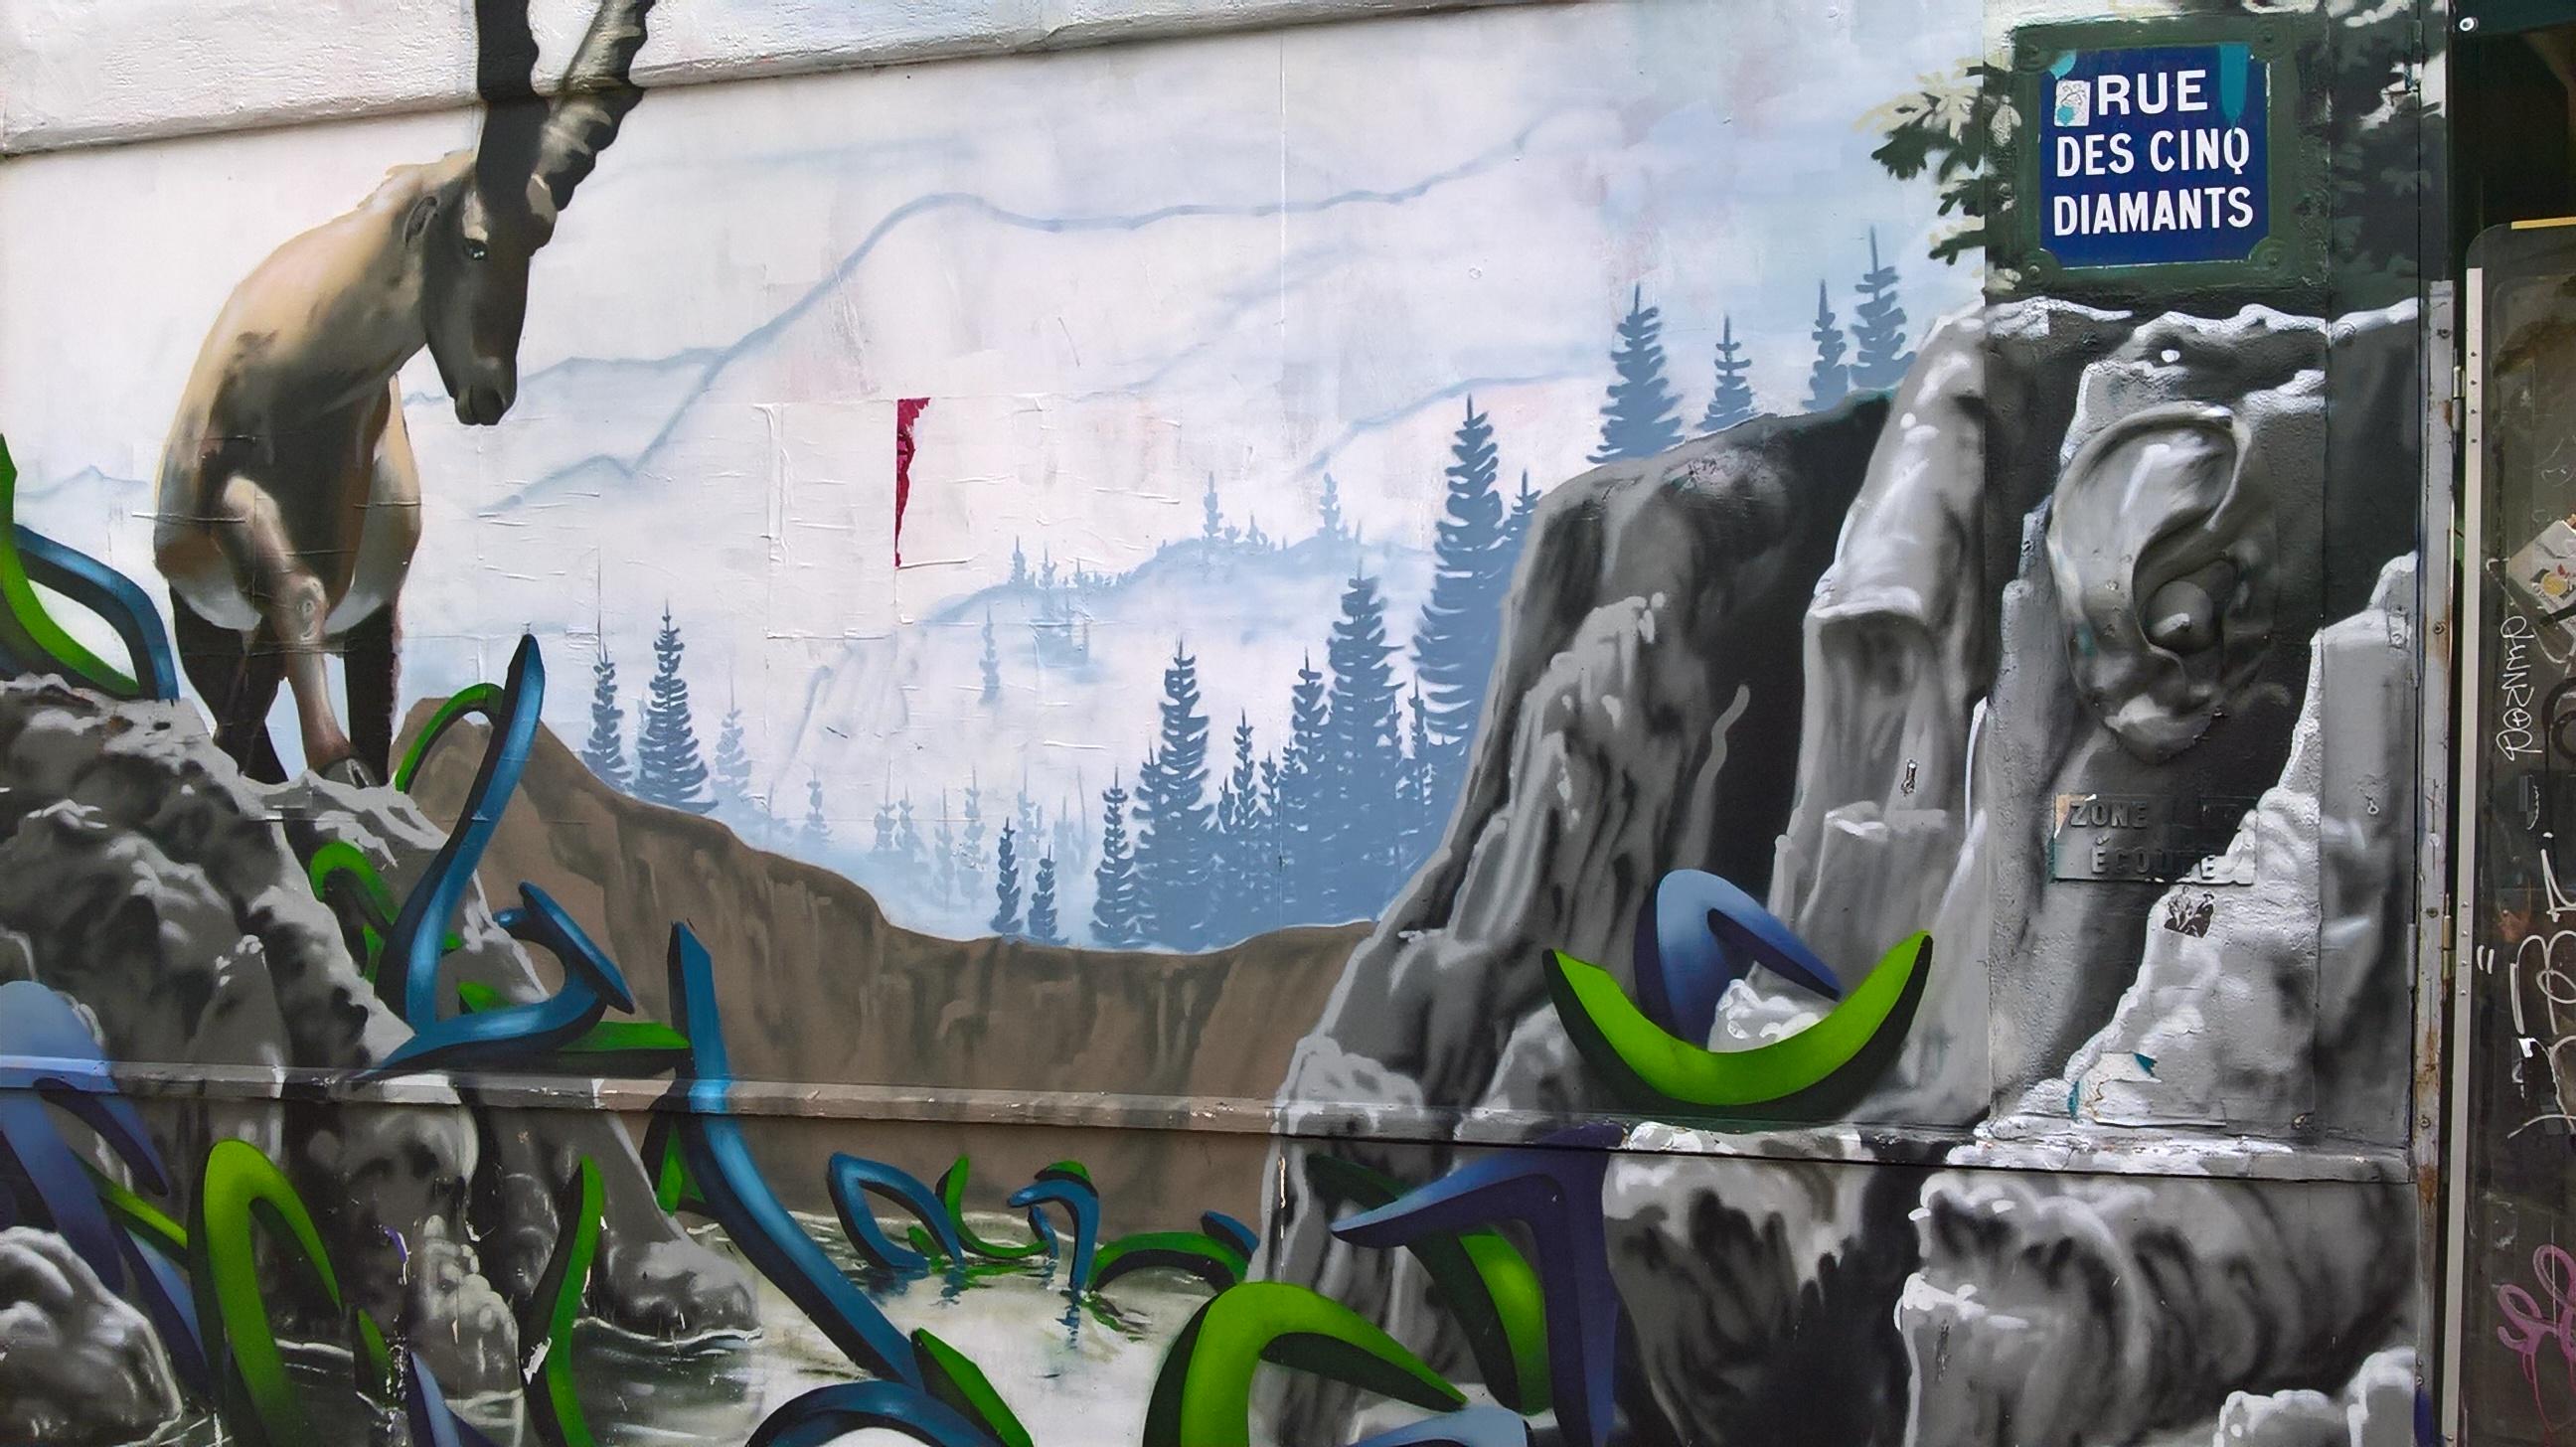 Les street artistes renouvellent régulièrement ce mur !